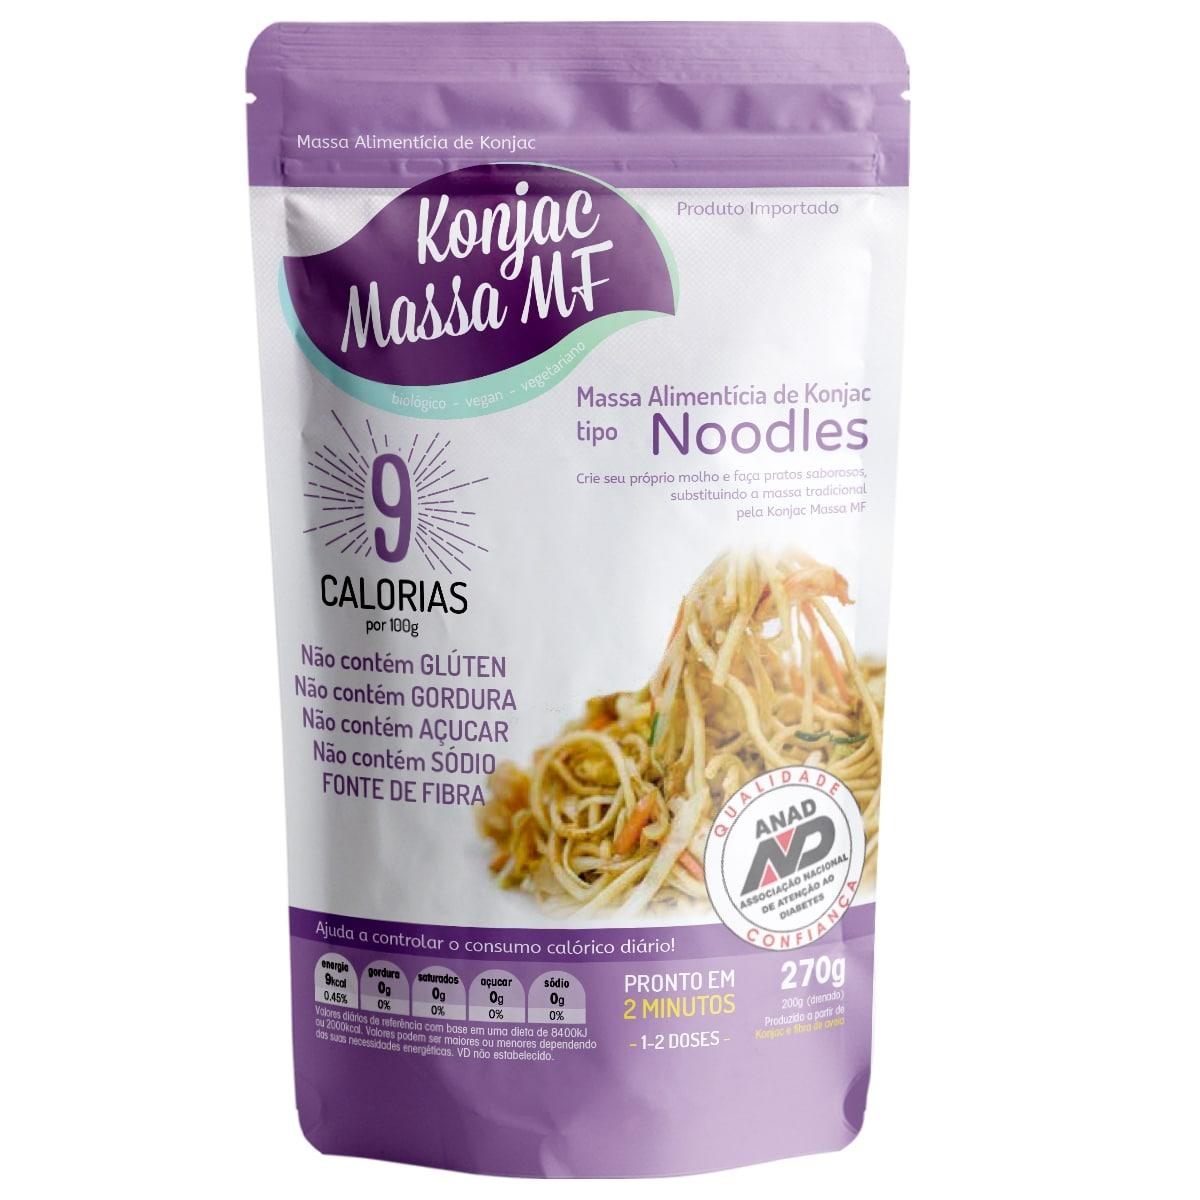 Noodles Konjac Massa 270g - 9 Calorias